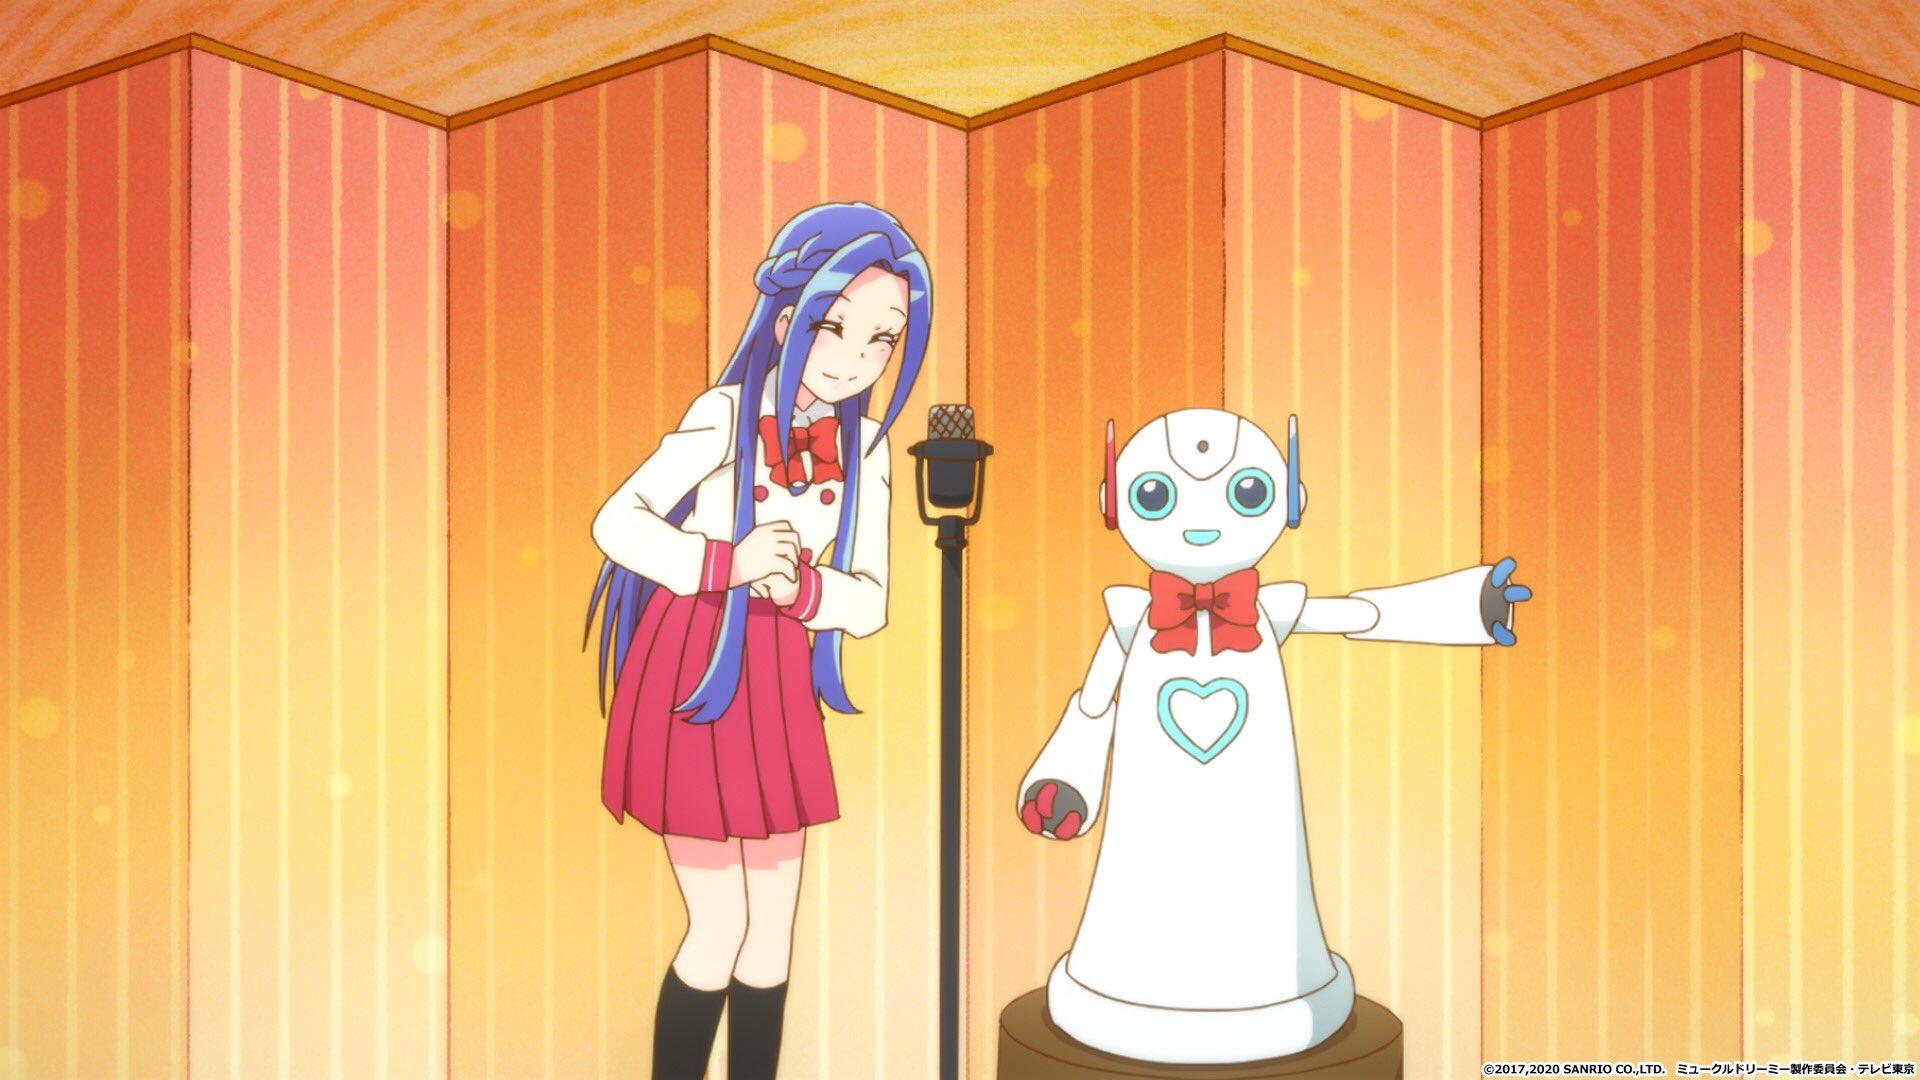 【アニメ】ミュークルドリーミーの5話あらすじ・ネタバレ感想   ことことコトコト!まさかの深いテーマ